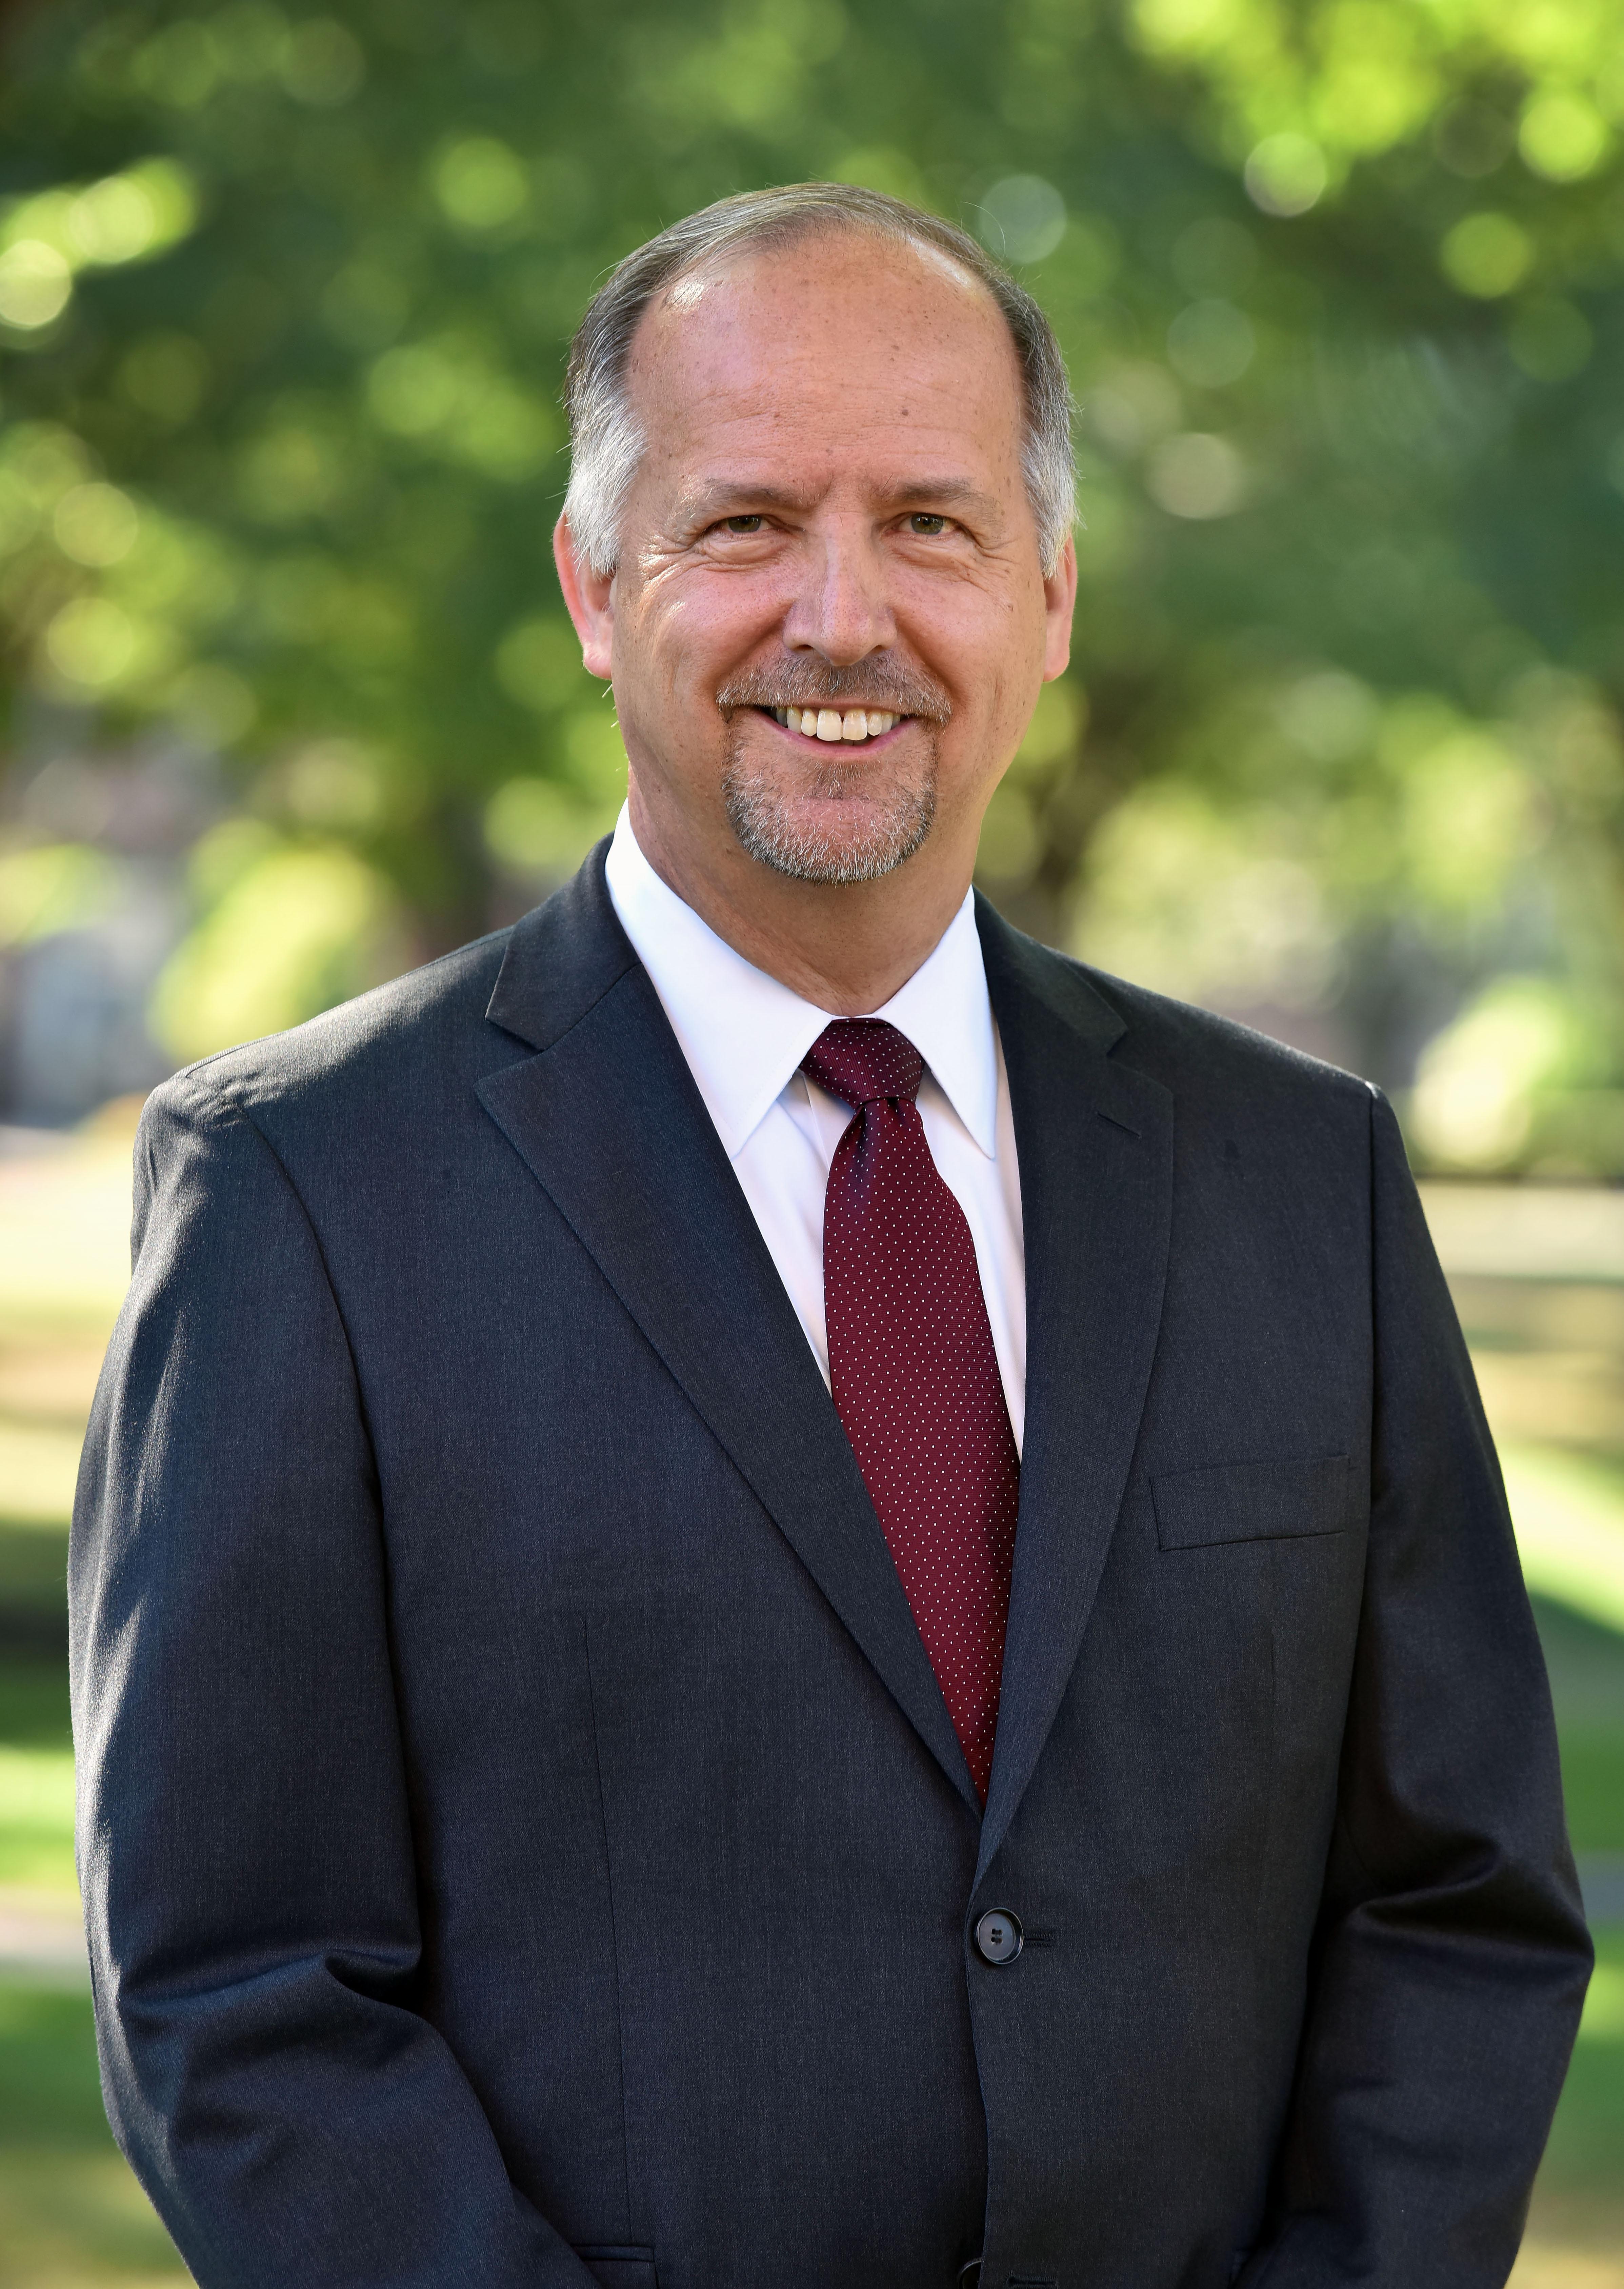 Dennis Hanno, president of Wheaton College